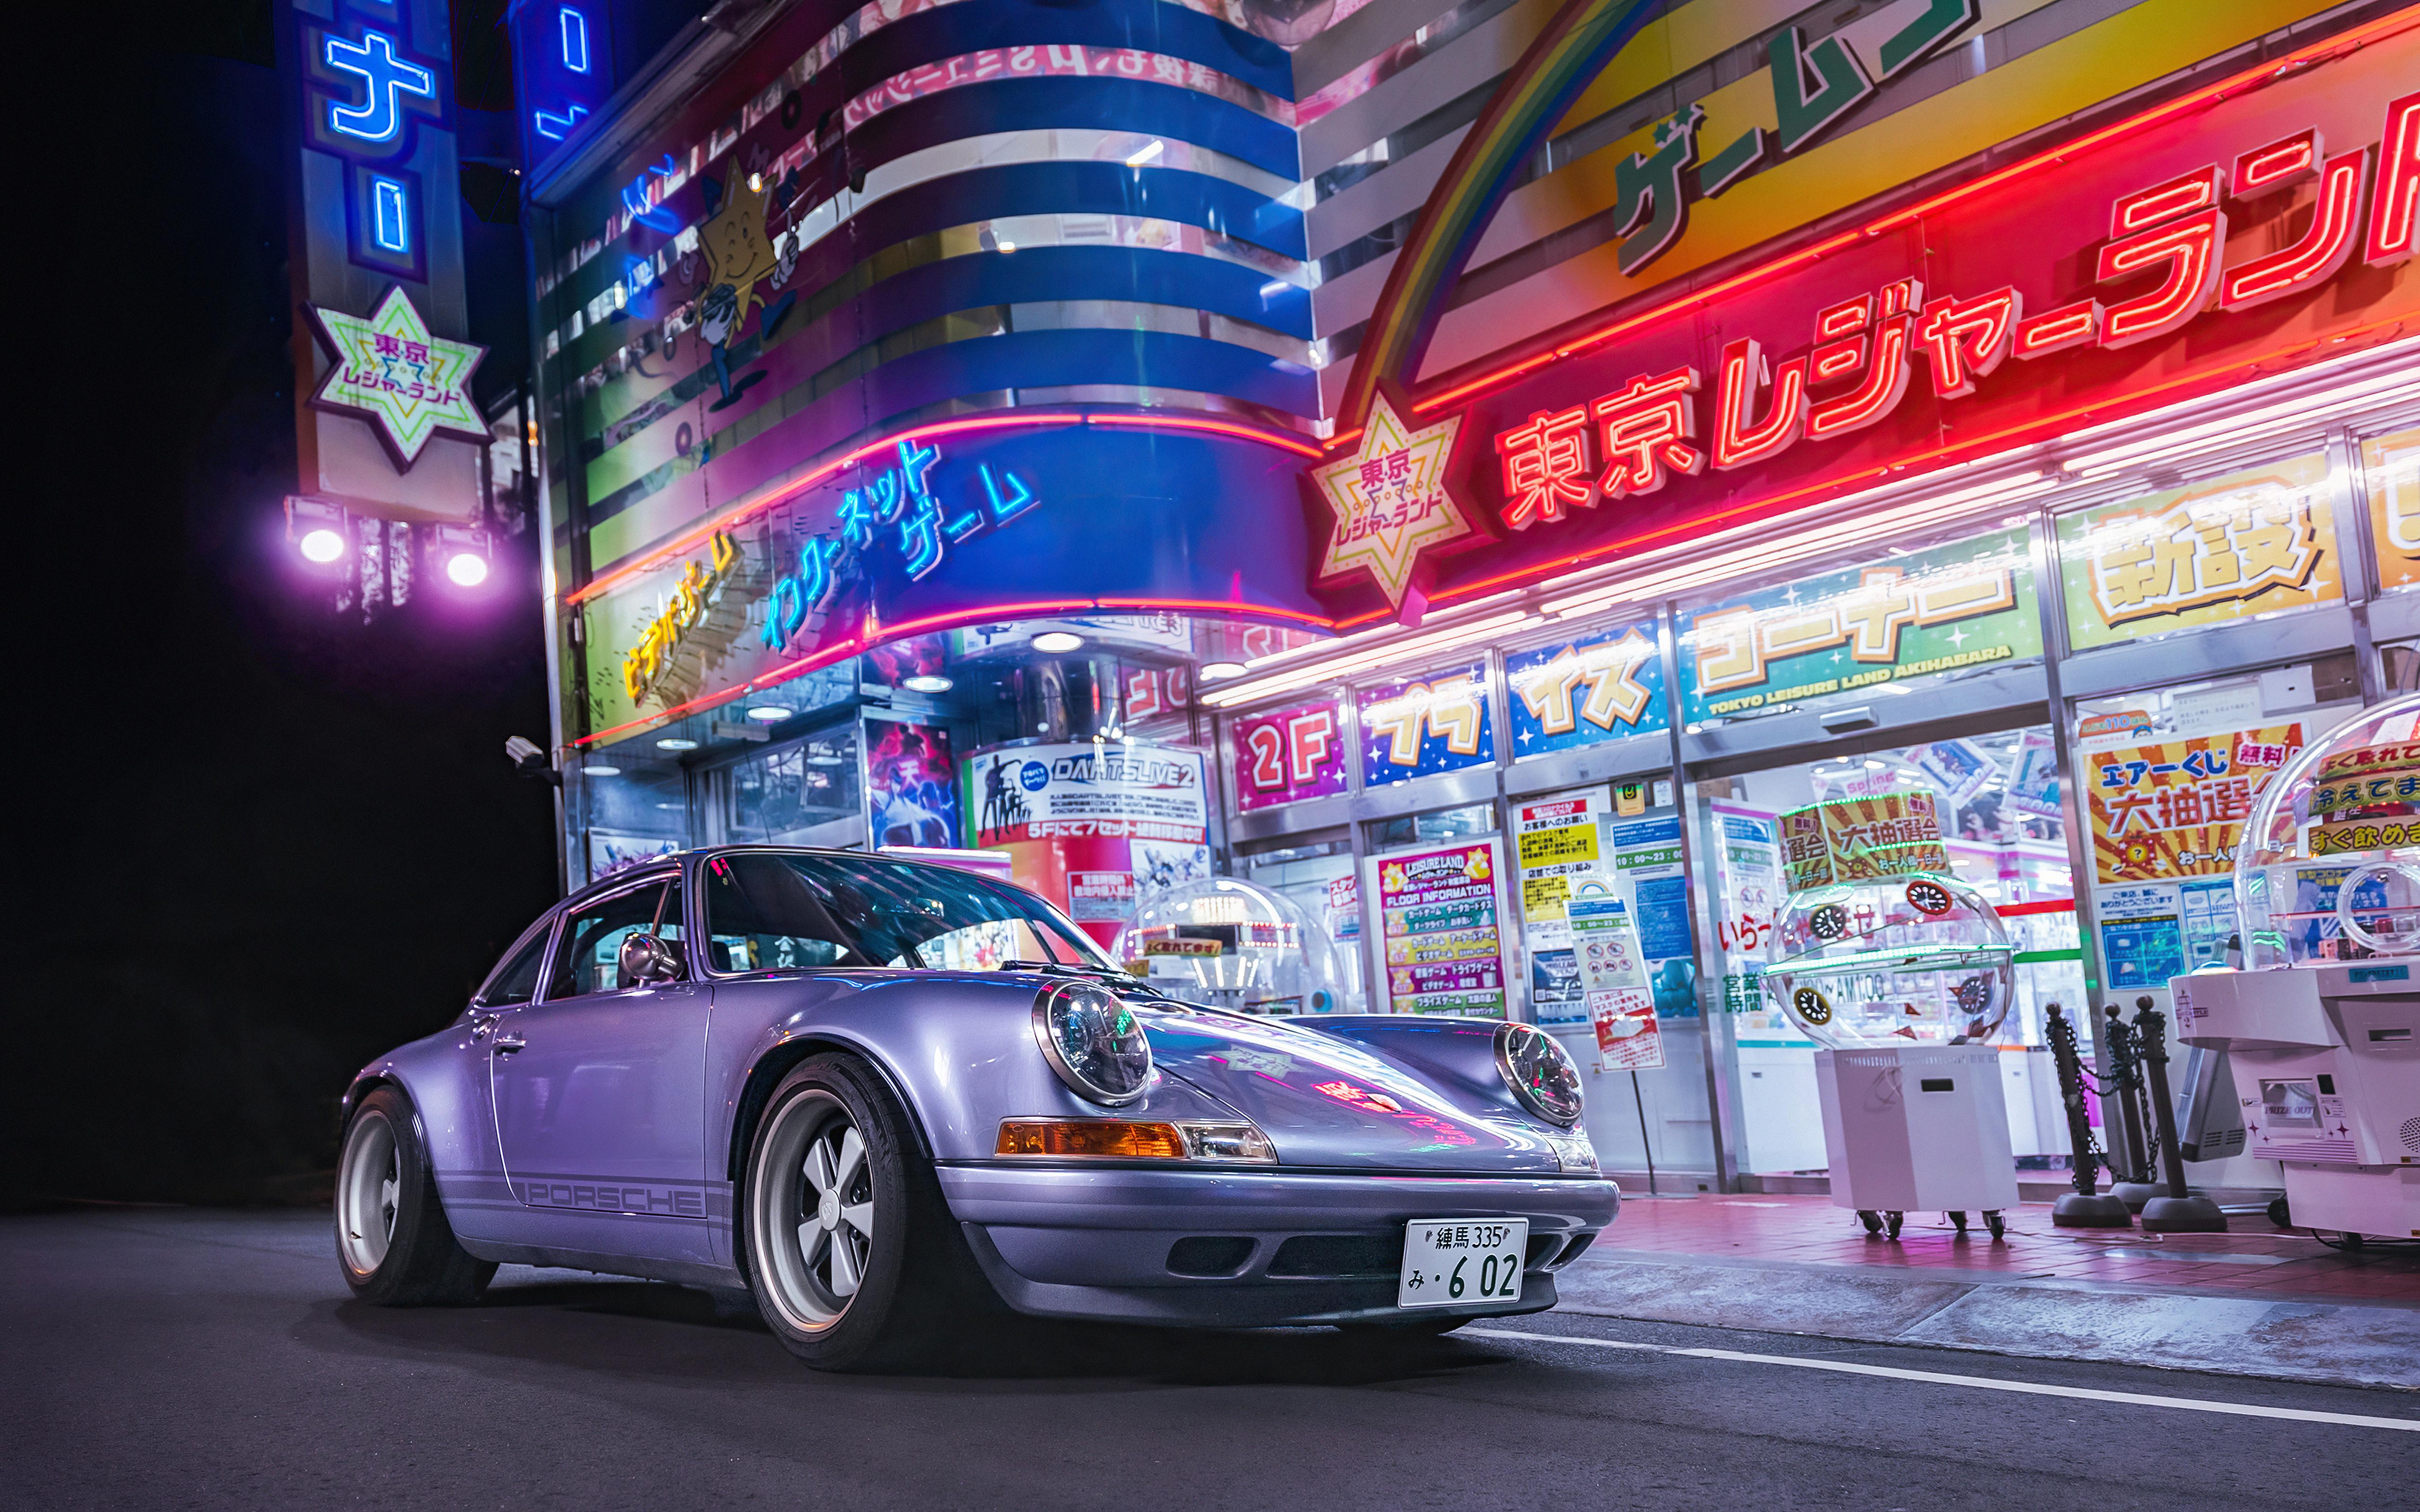 porsche 911 reimagined by singer 4k 1620171763 - Porsche 911 Reimagined By Singer 4k - Porsche 911 Reimagined By Singer 4k wallpapers